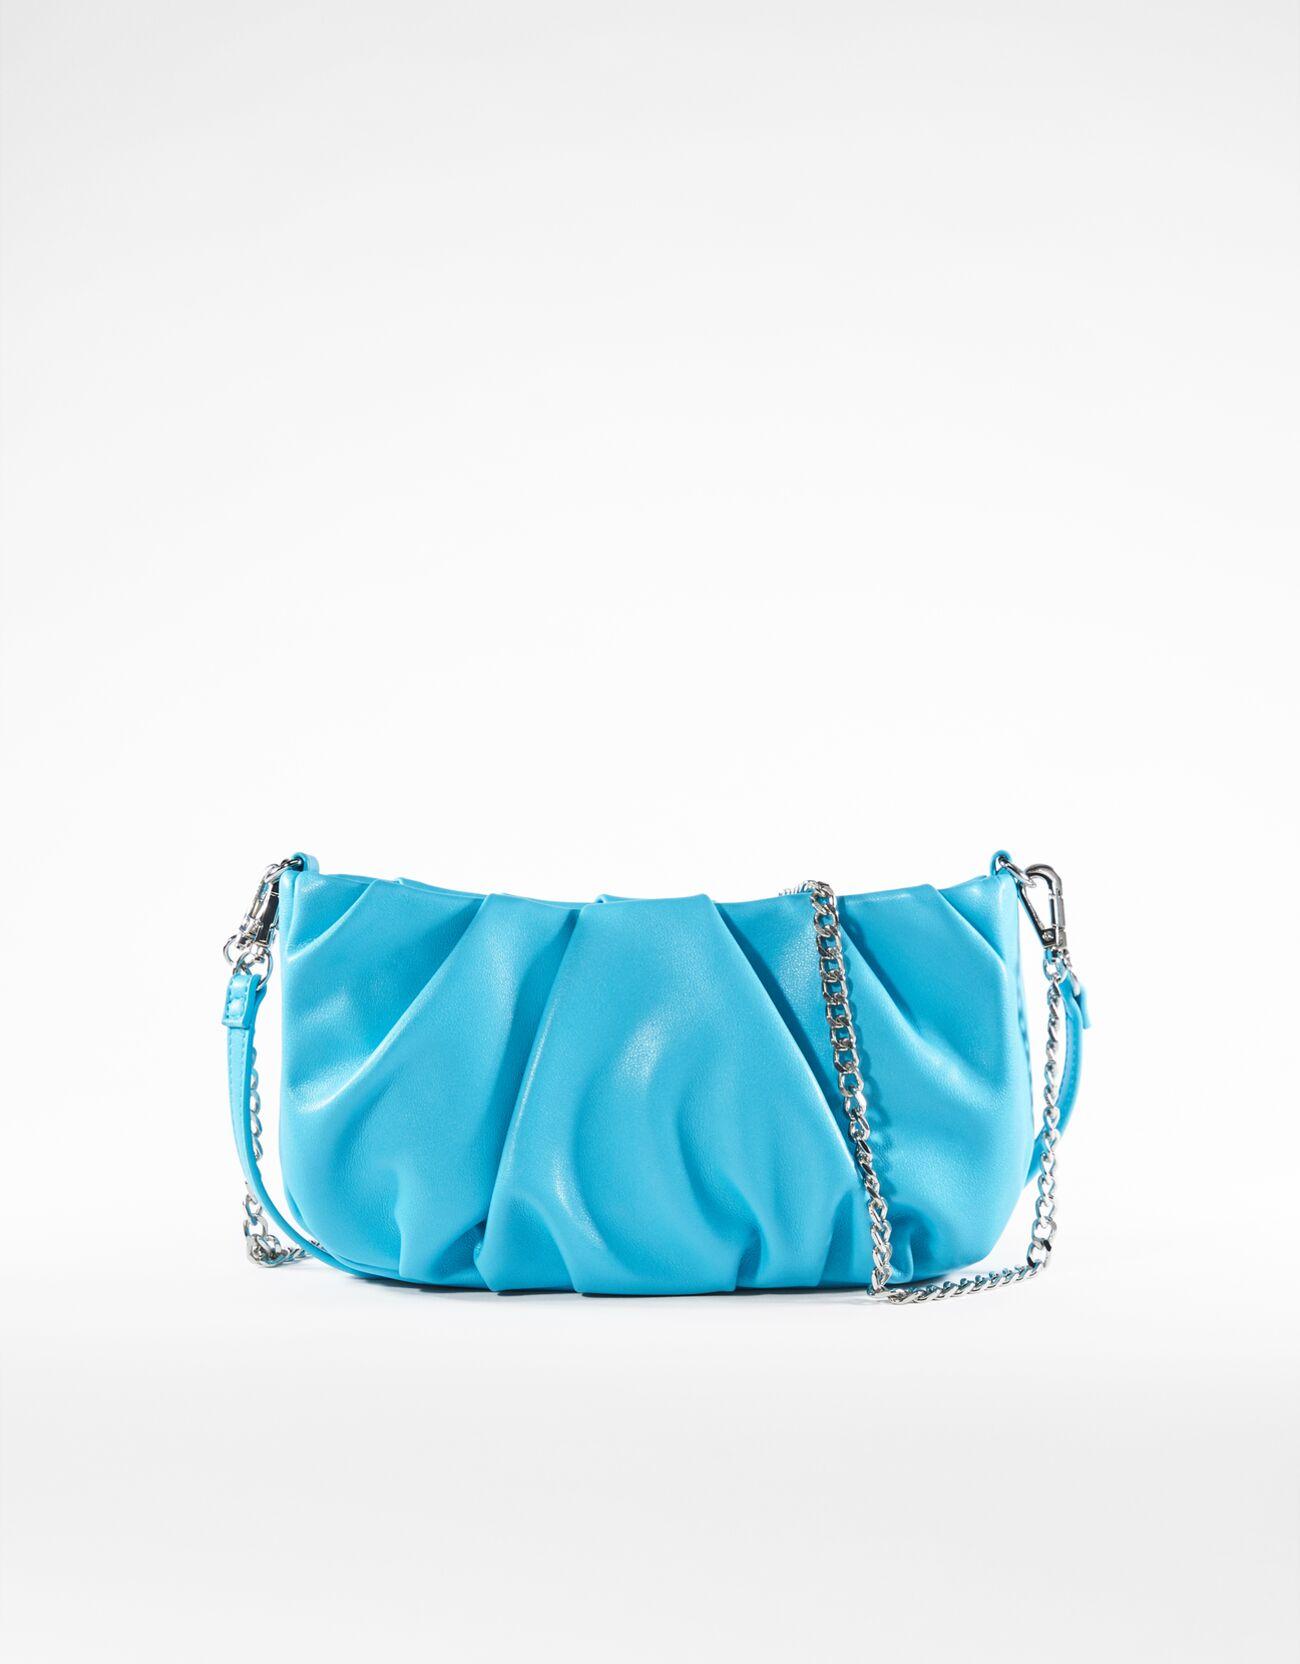 bershka -  Tasche Mit Kette Und Zierfalten Damen Blau